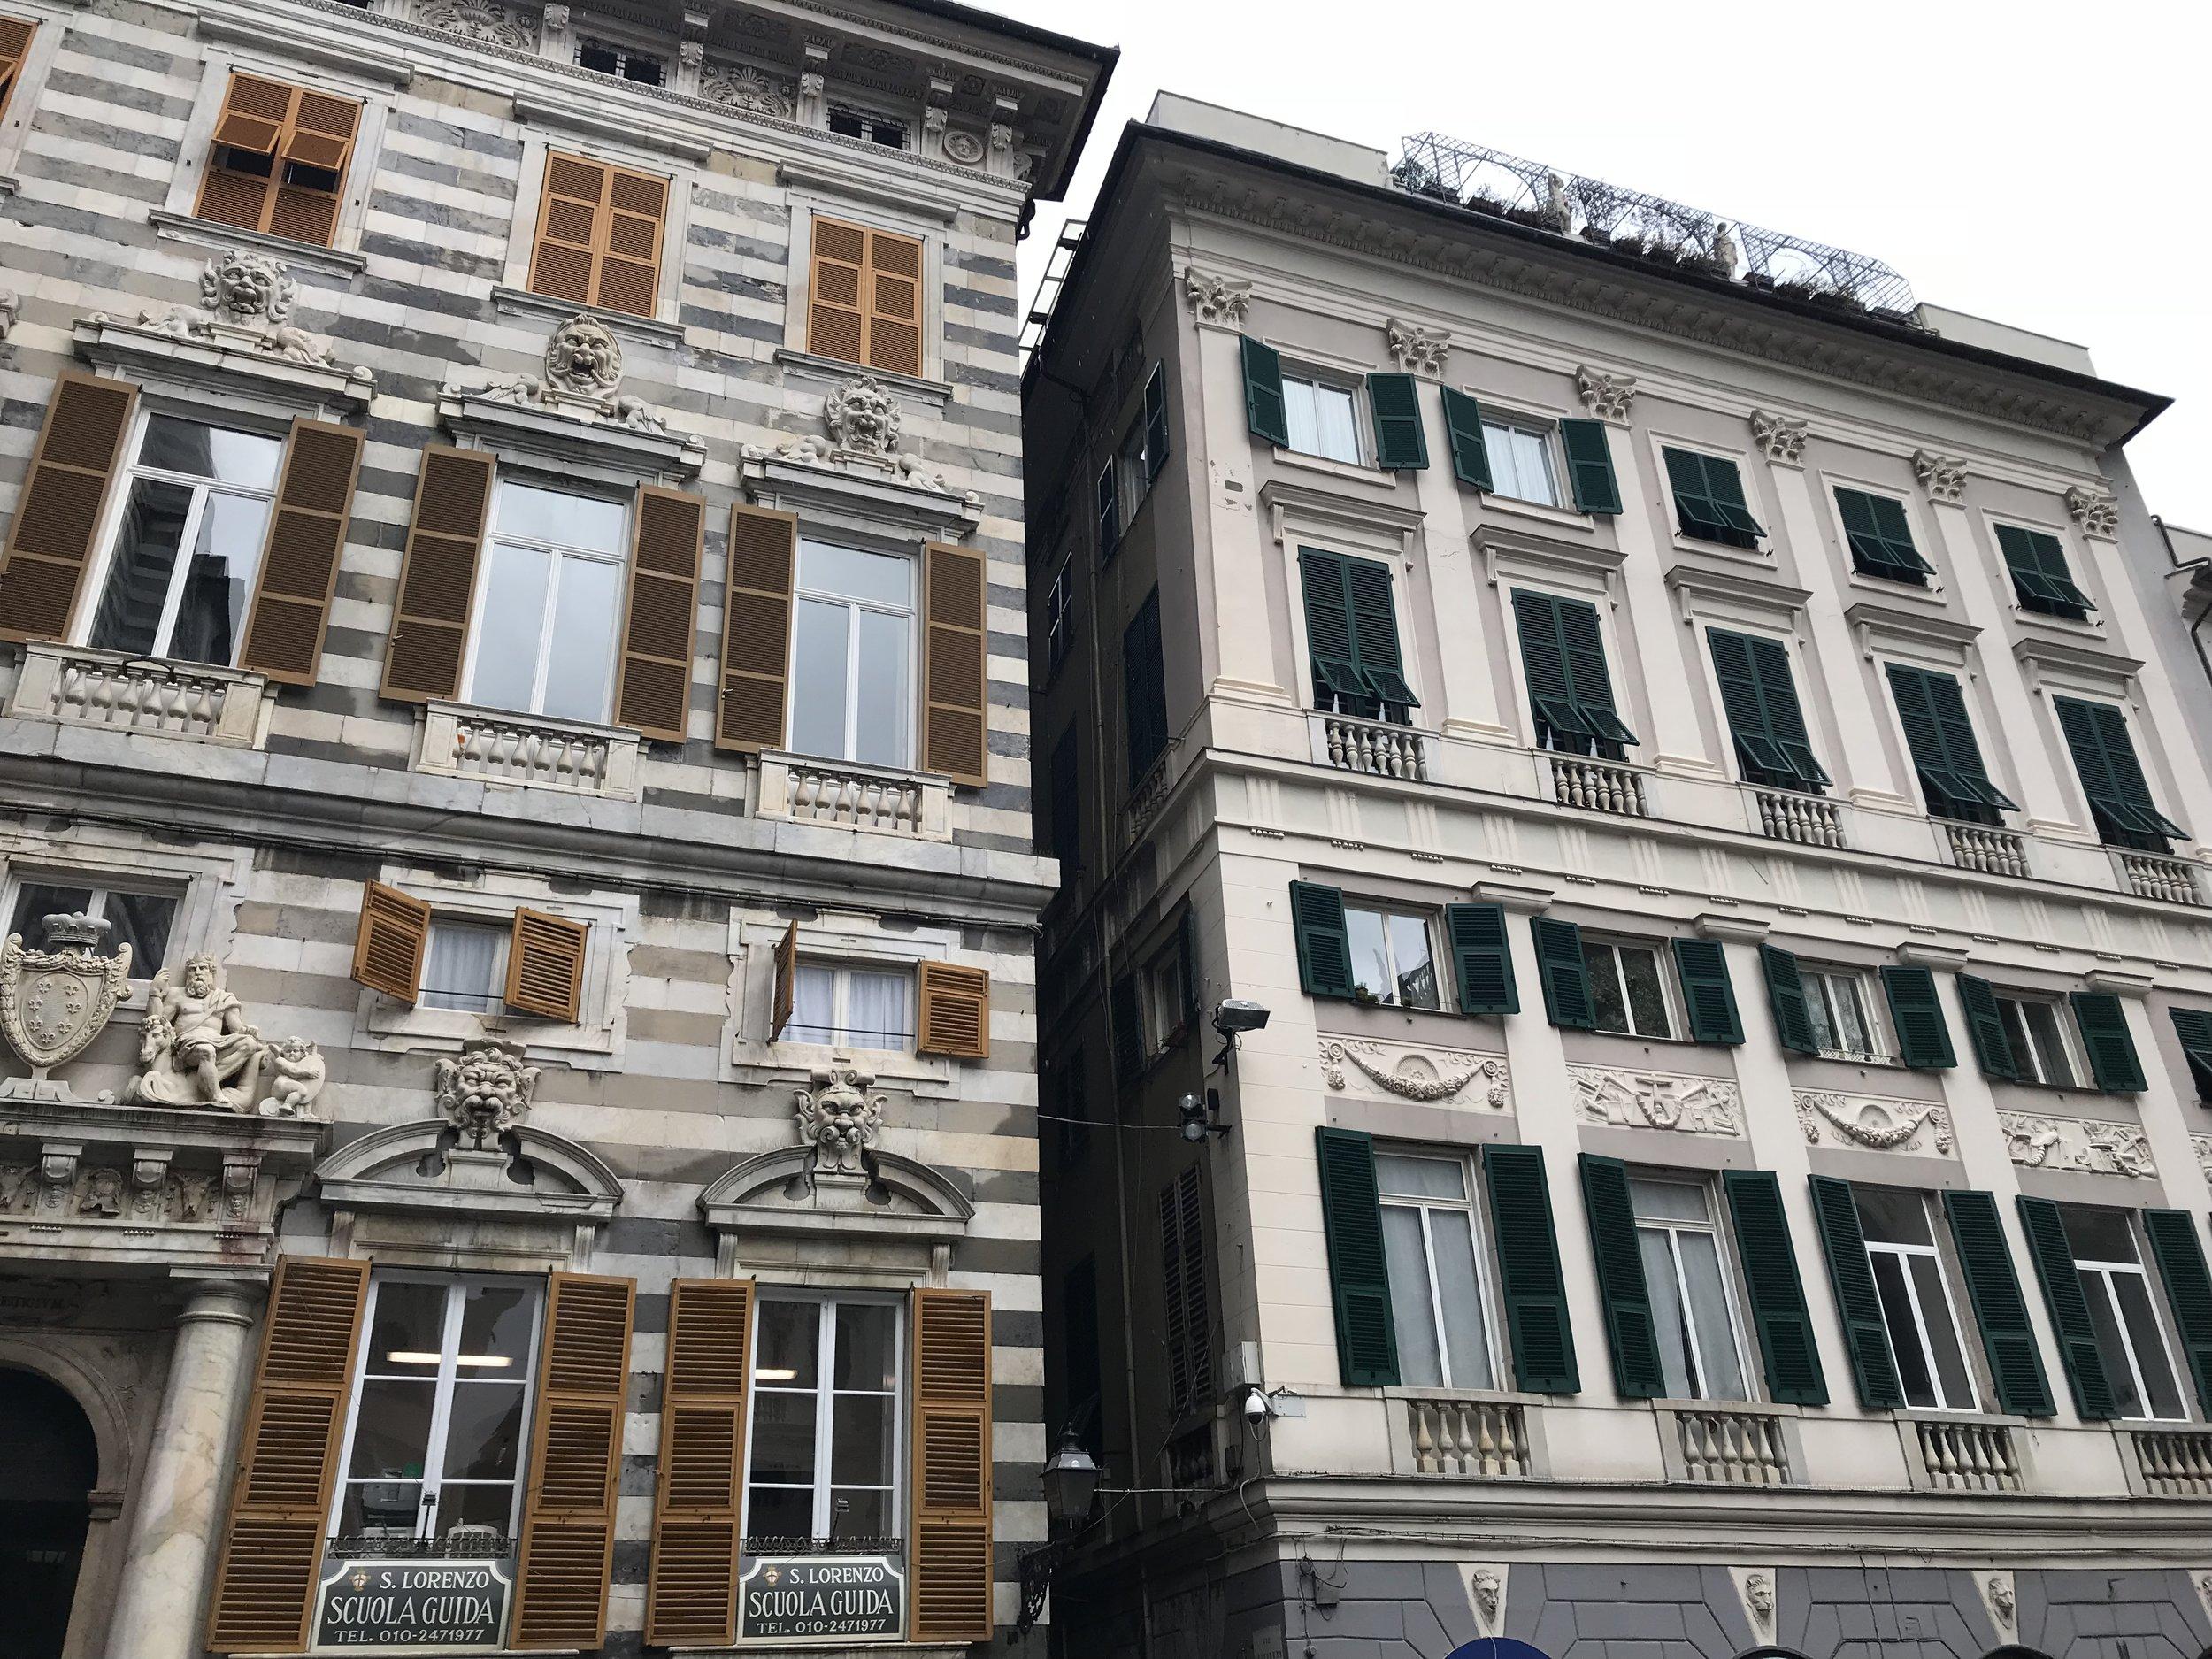 The architecture on Via San Lorenzo